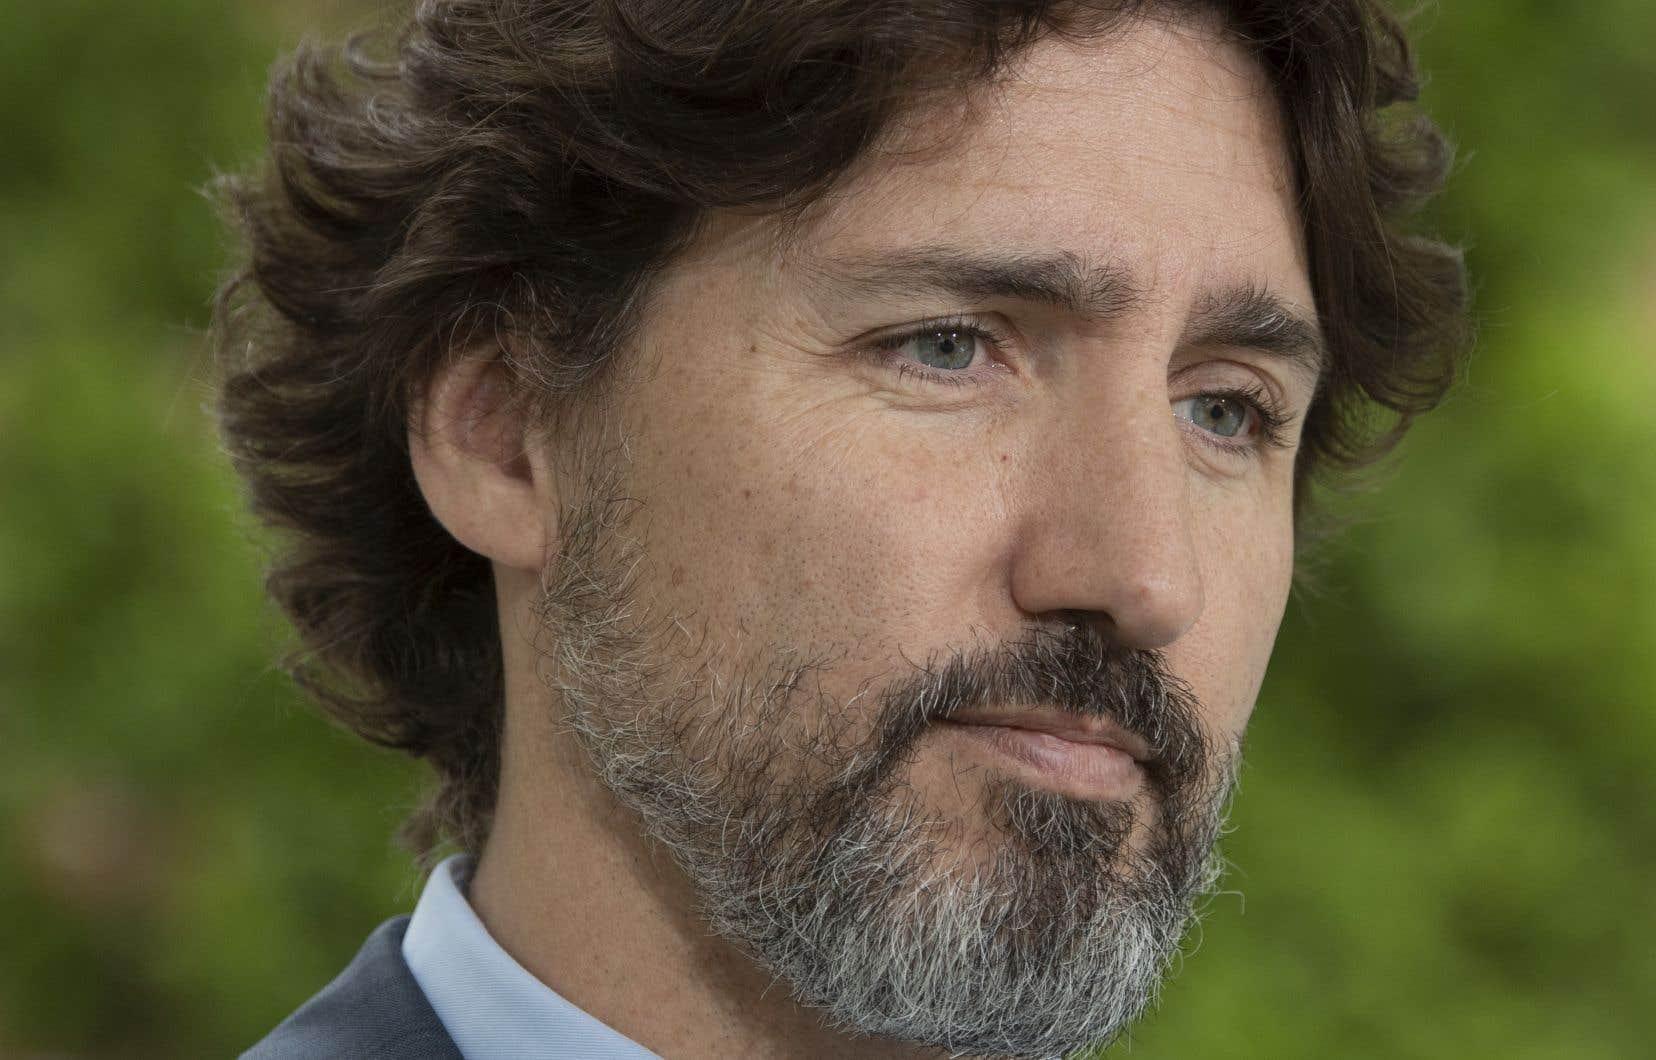 Le premier ministre du Canada, Justin Trudeau, se contente de condamner «les gestes unilatéraux» dans le conflit israélo-palestinien.